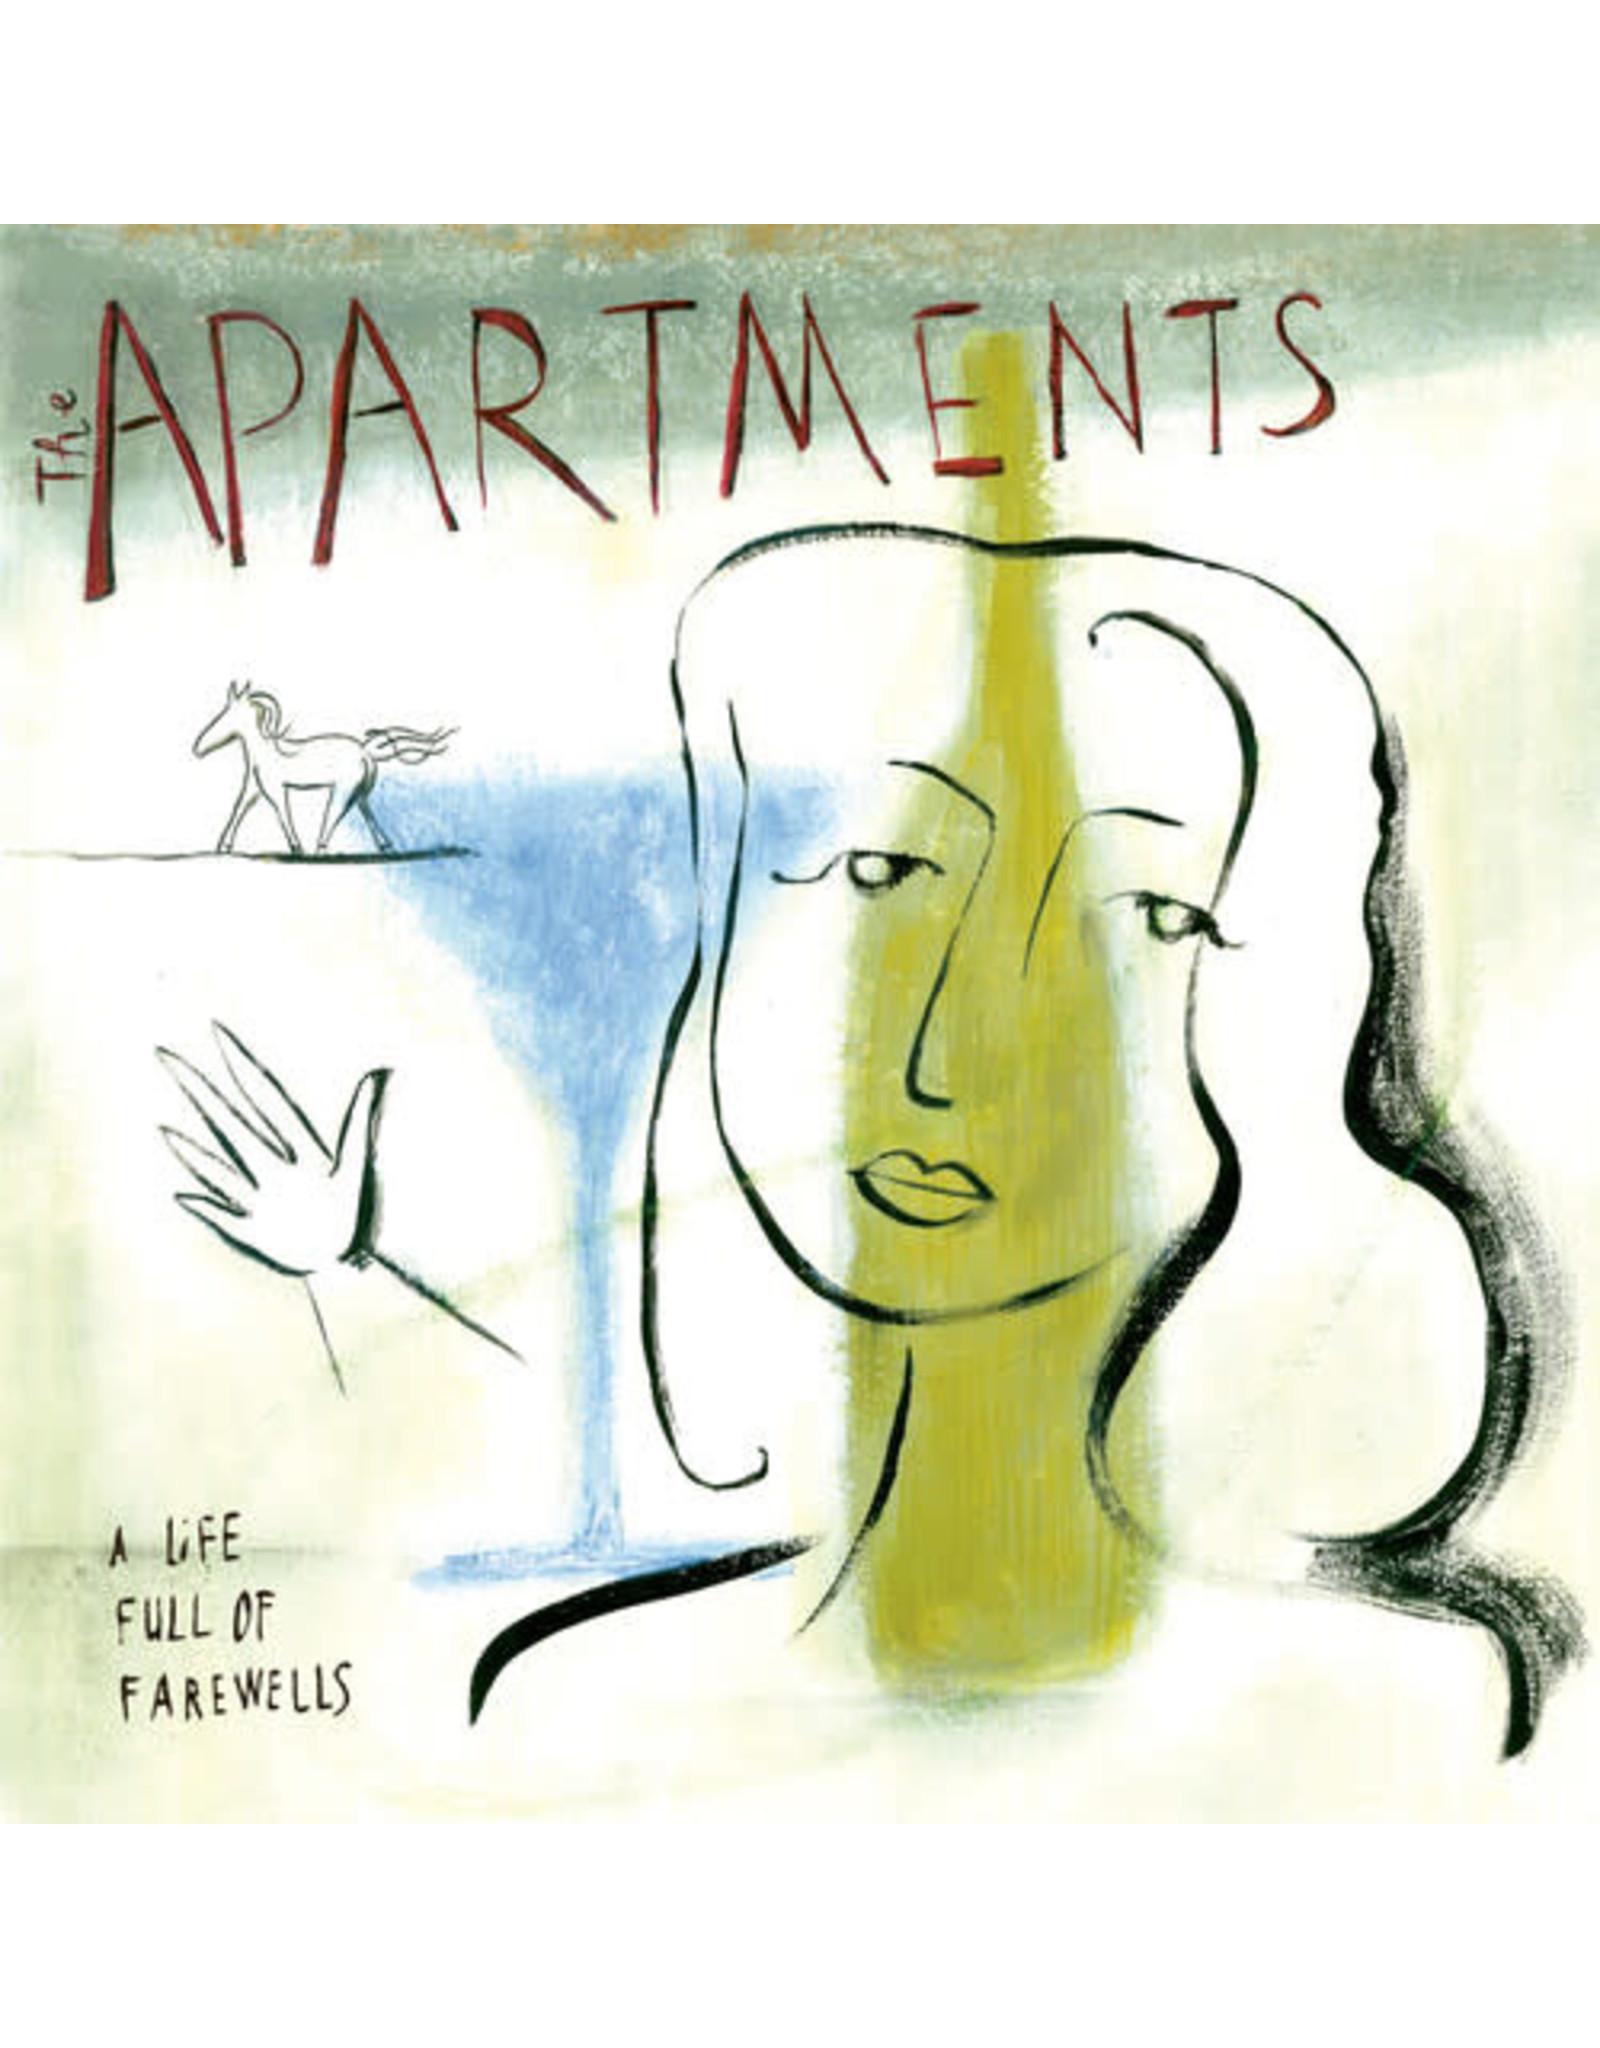 New Vinyl The Apartments - A Life Full Of Farewells LP